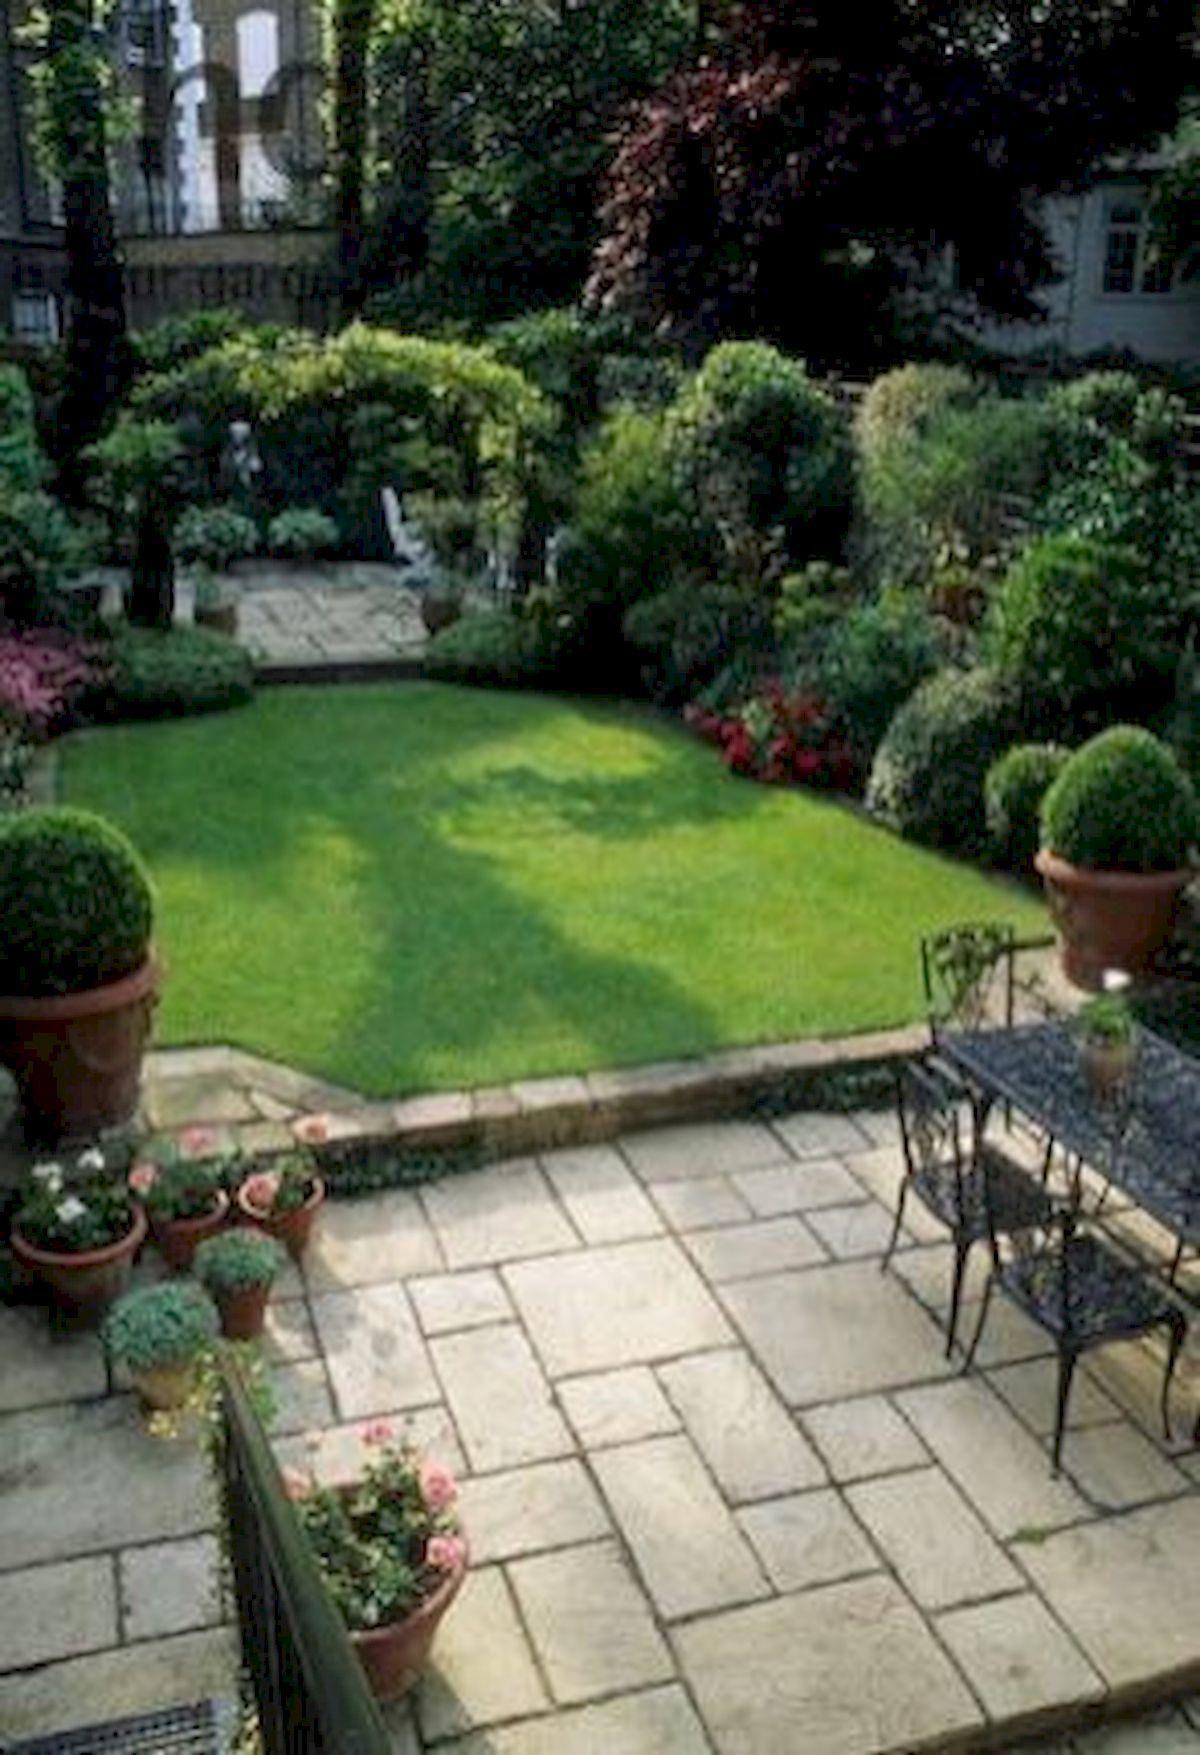 55 Beautiful Backyard Patio Ideas On A Budget | Small ...